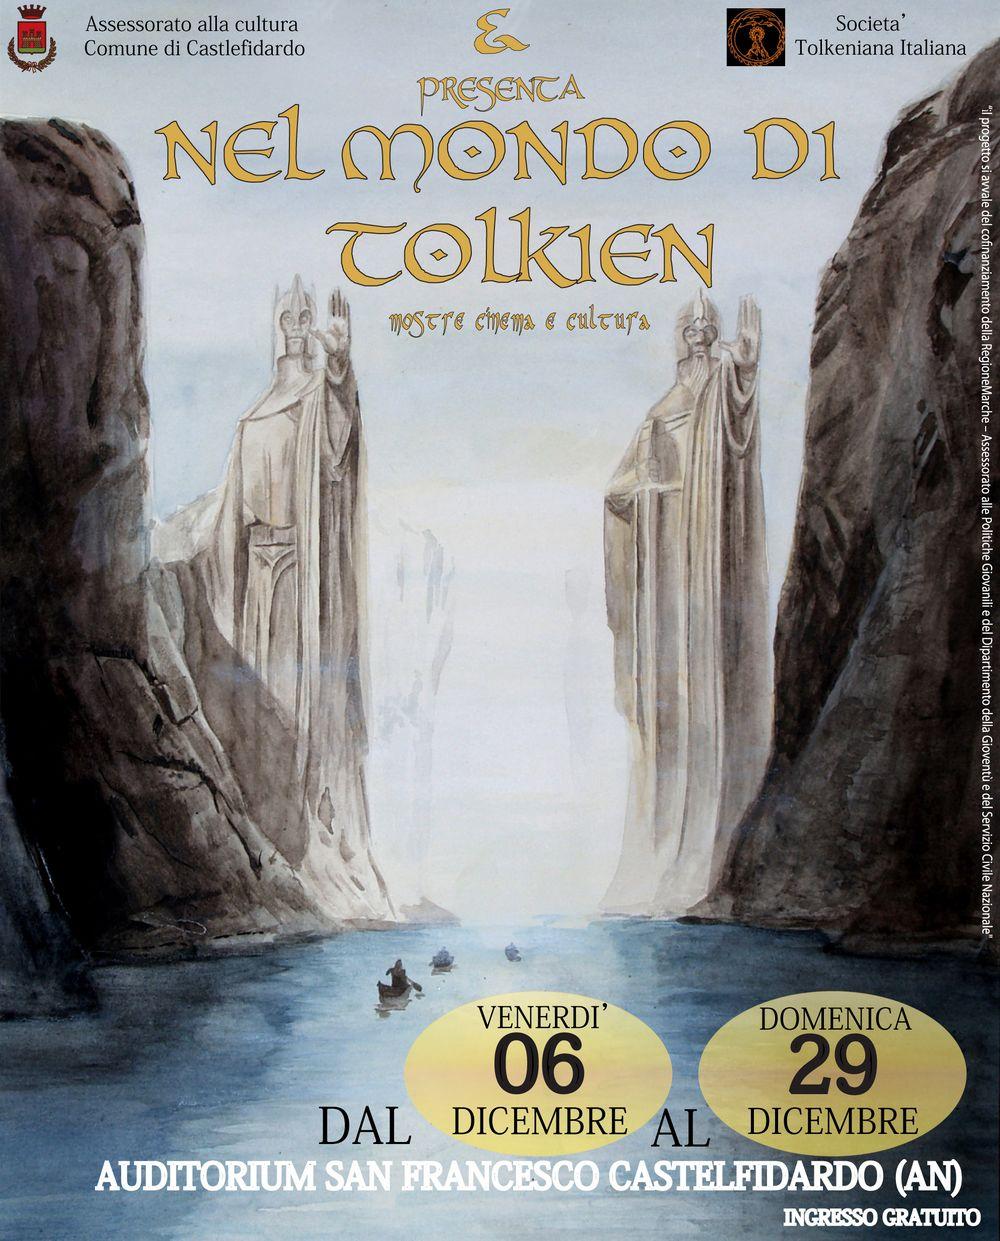 Il mondo di Tolkien all'Auditorium San Francesco